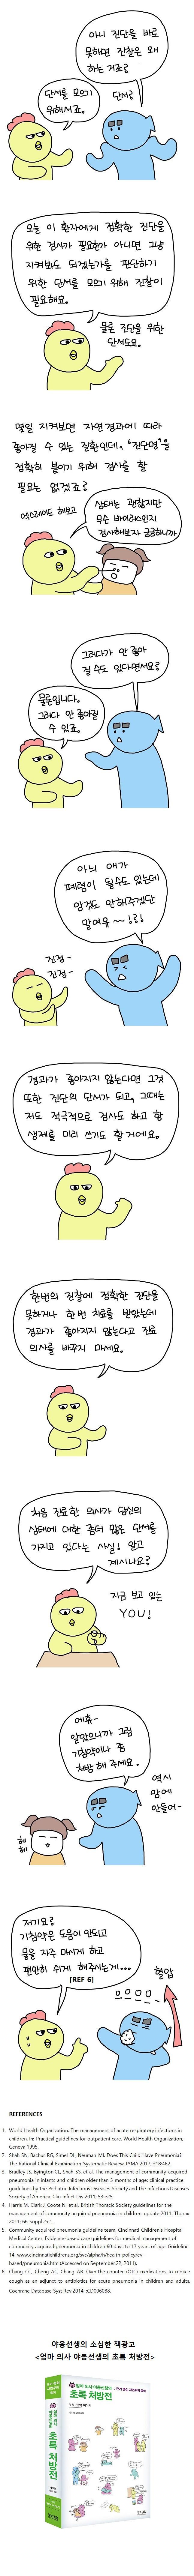 20181019_진단명_(2)copy.JPG